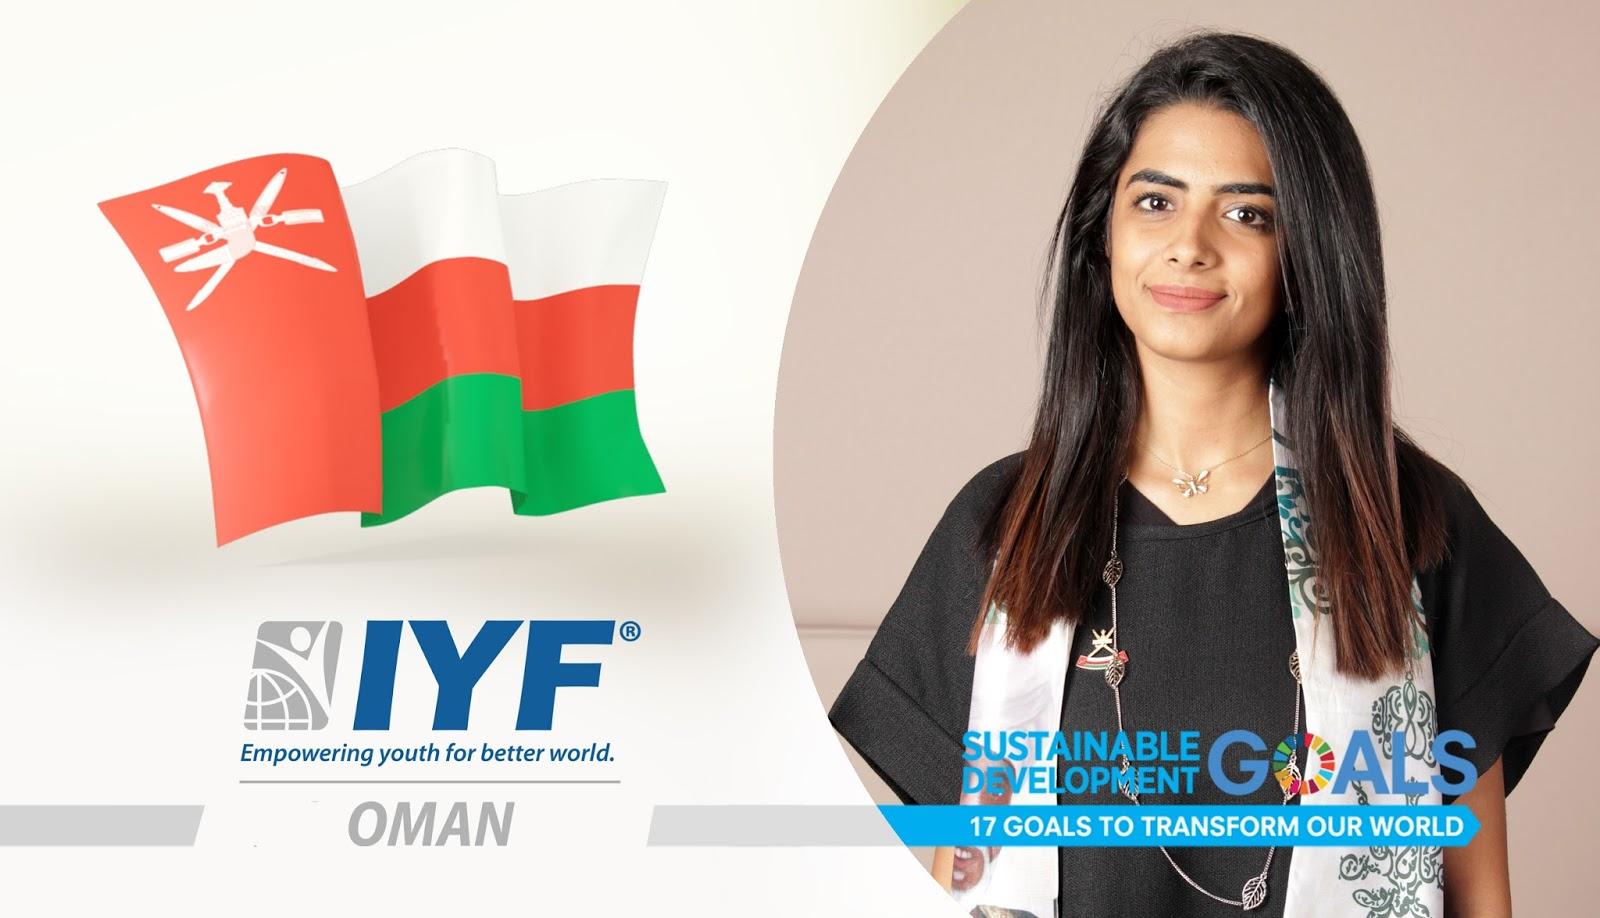 Mazoon Al Zadjali, IYF Representative in Oman